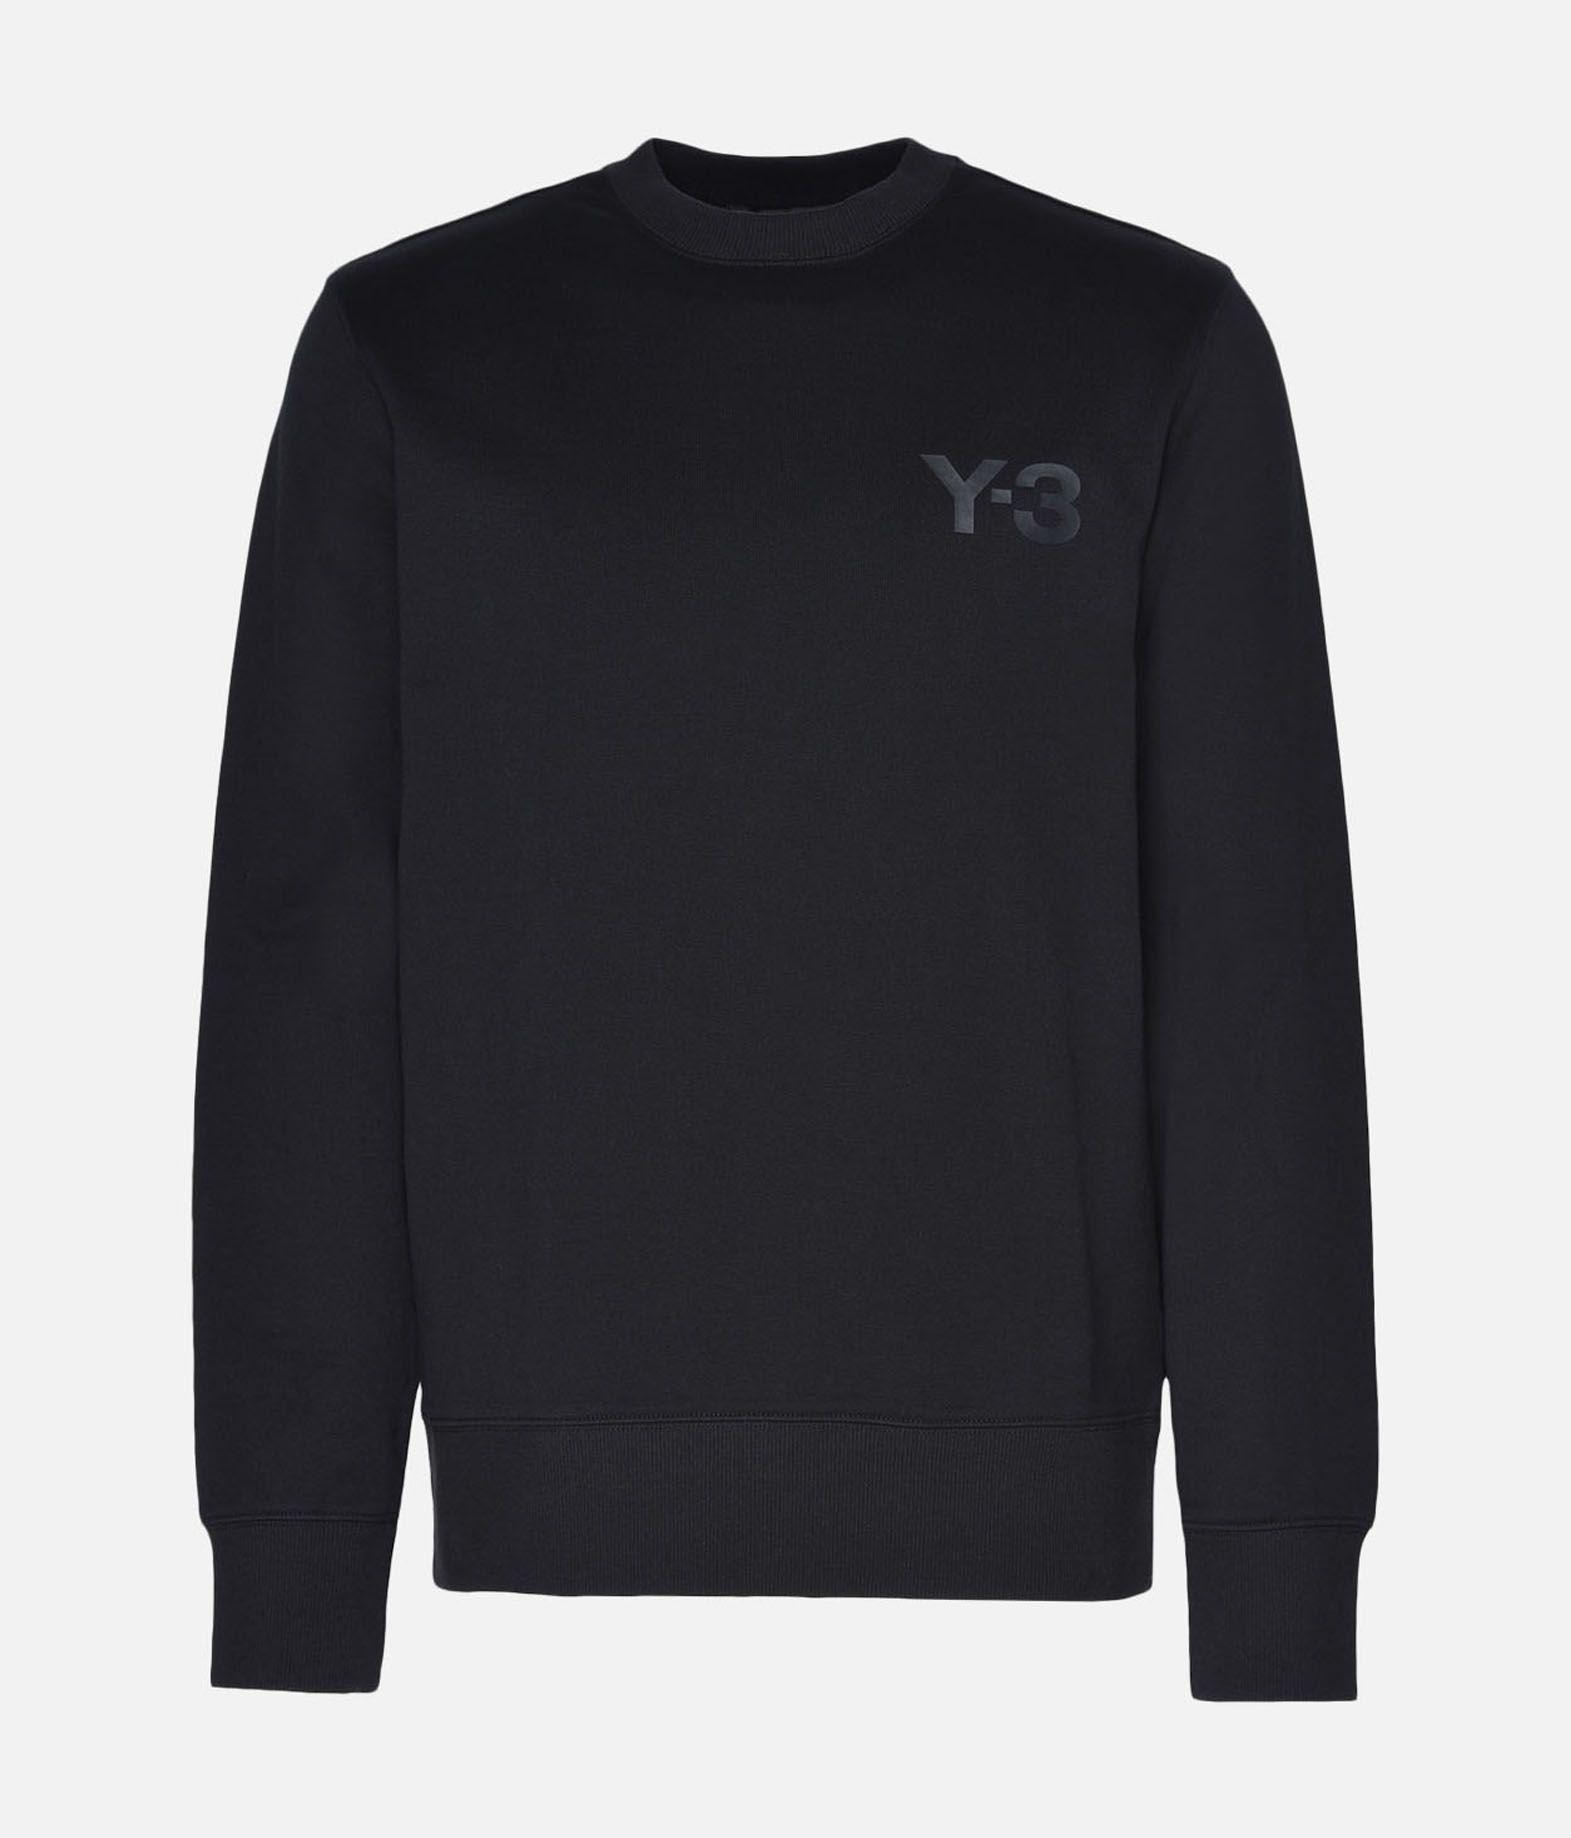 Y-3 Y-3 CLASSIC SWEATER Sweatshirt Man f